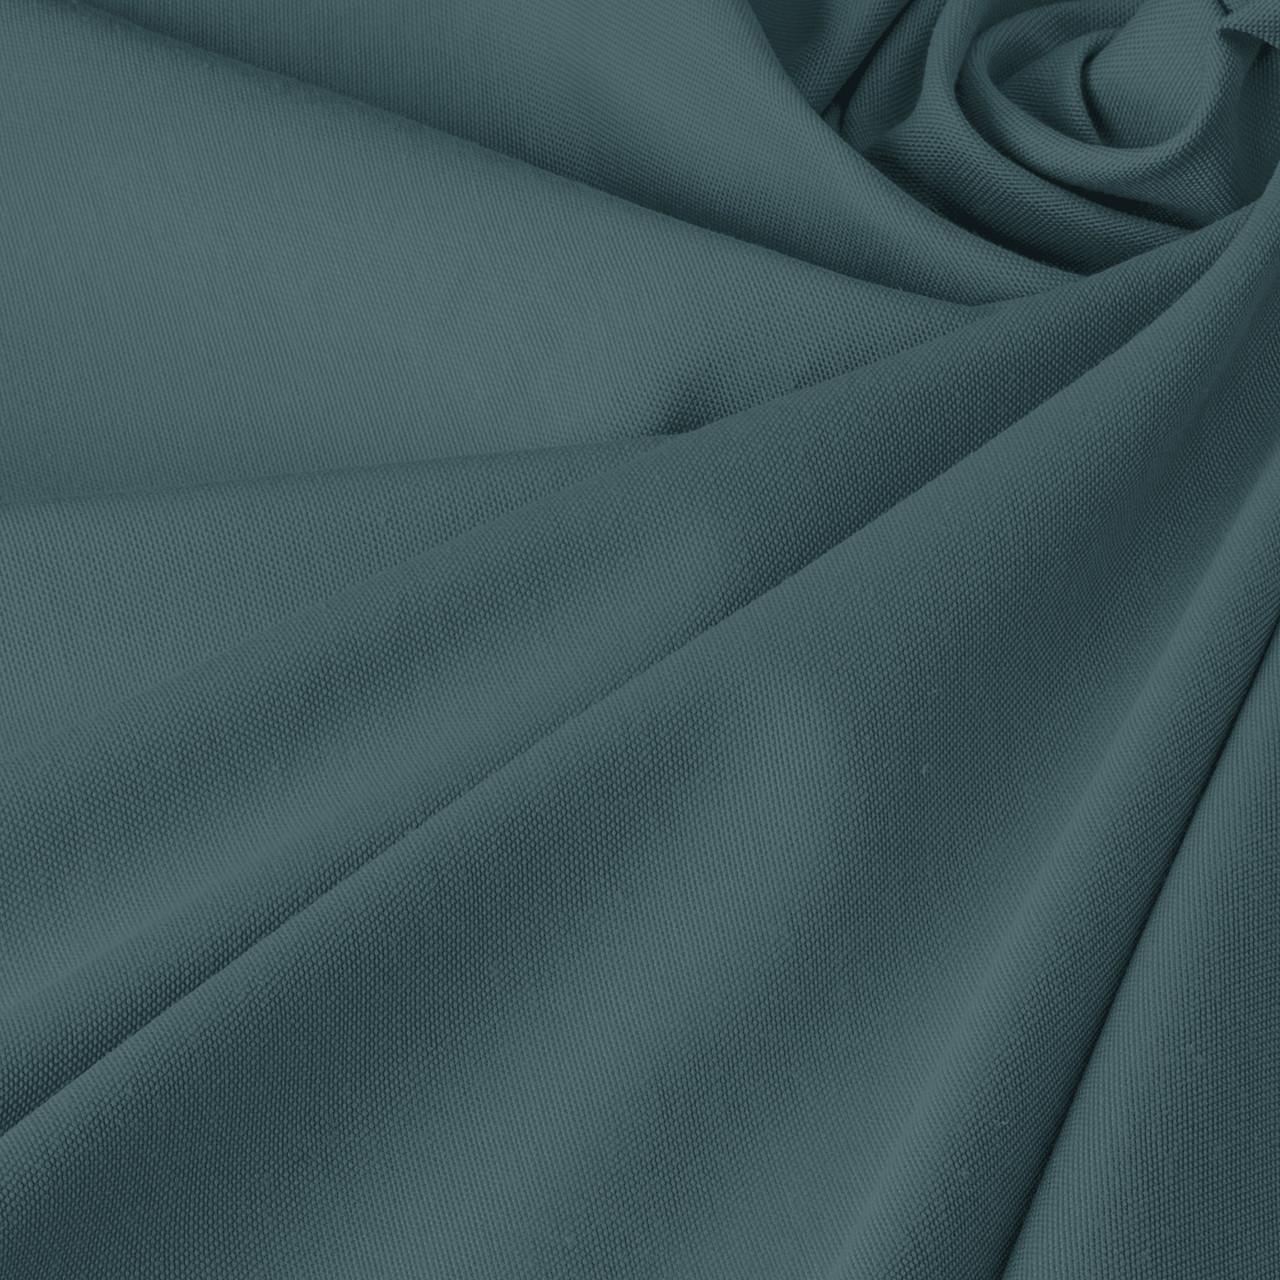 Однотонна декоративна тканина блакитного кольору Туреччина DRM-84600